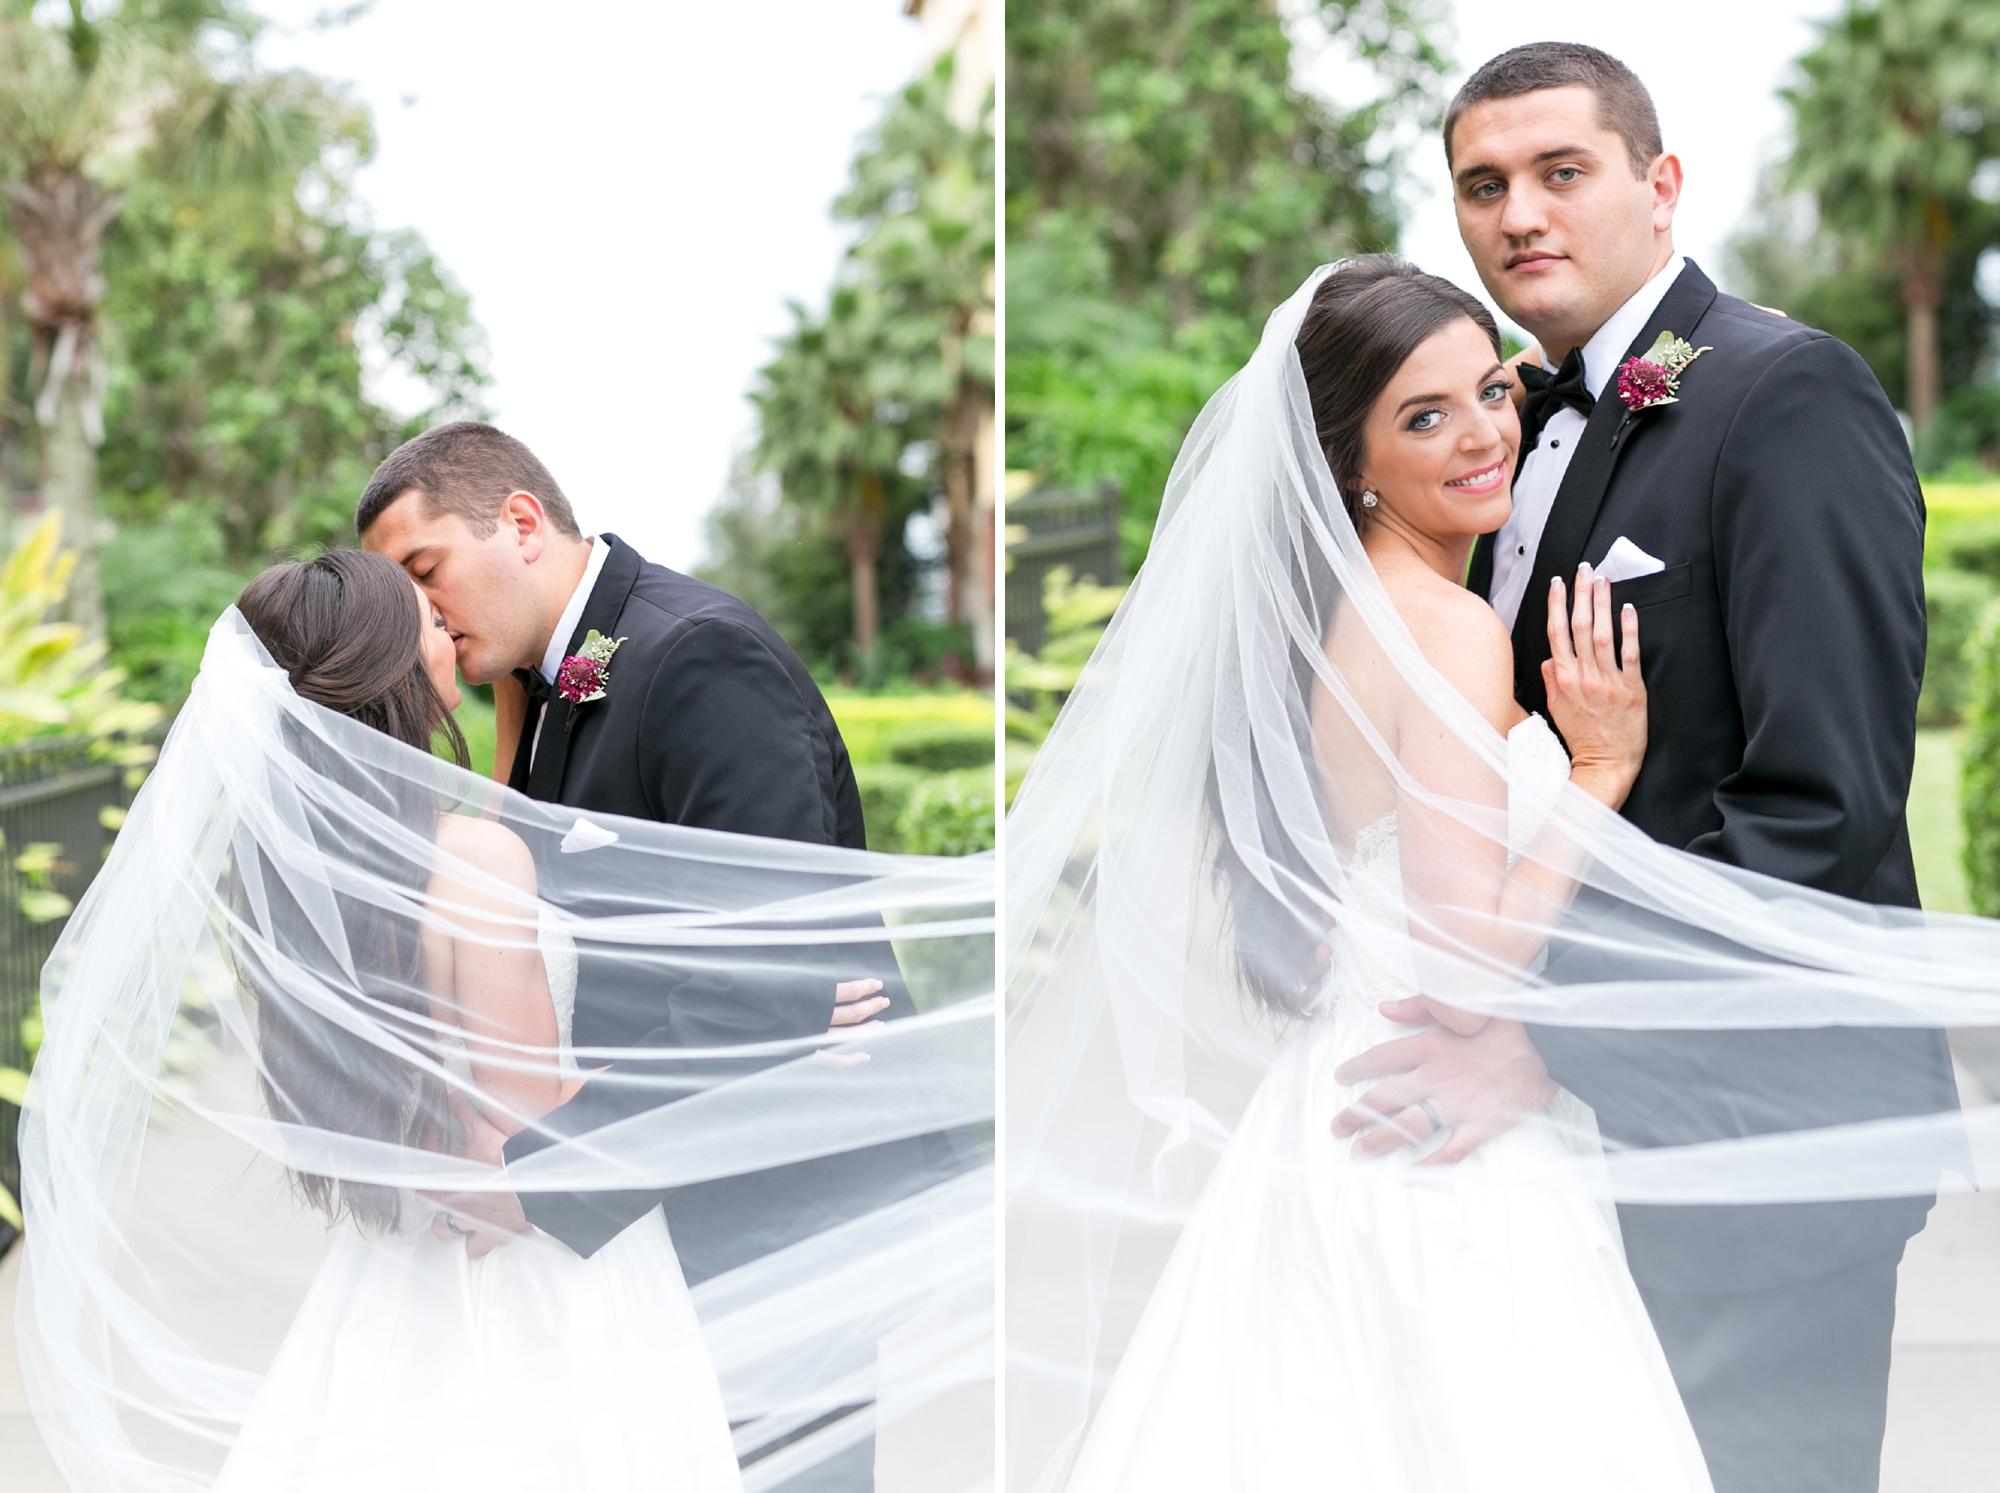 veil photos